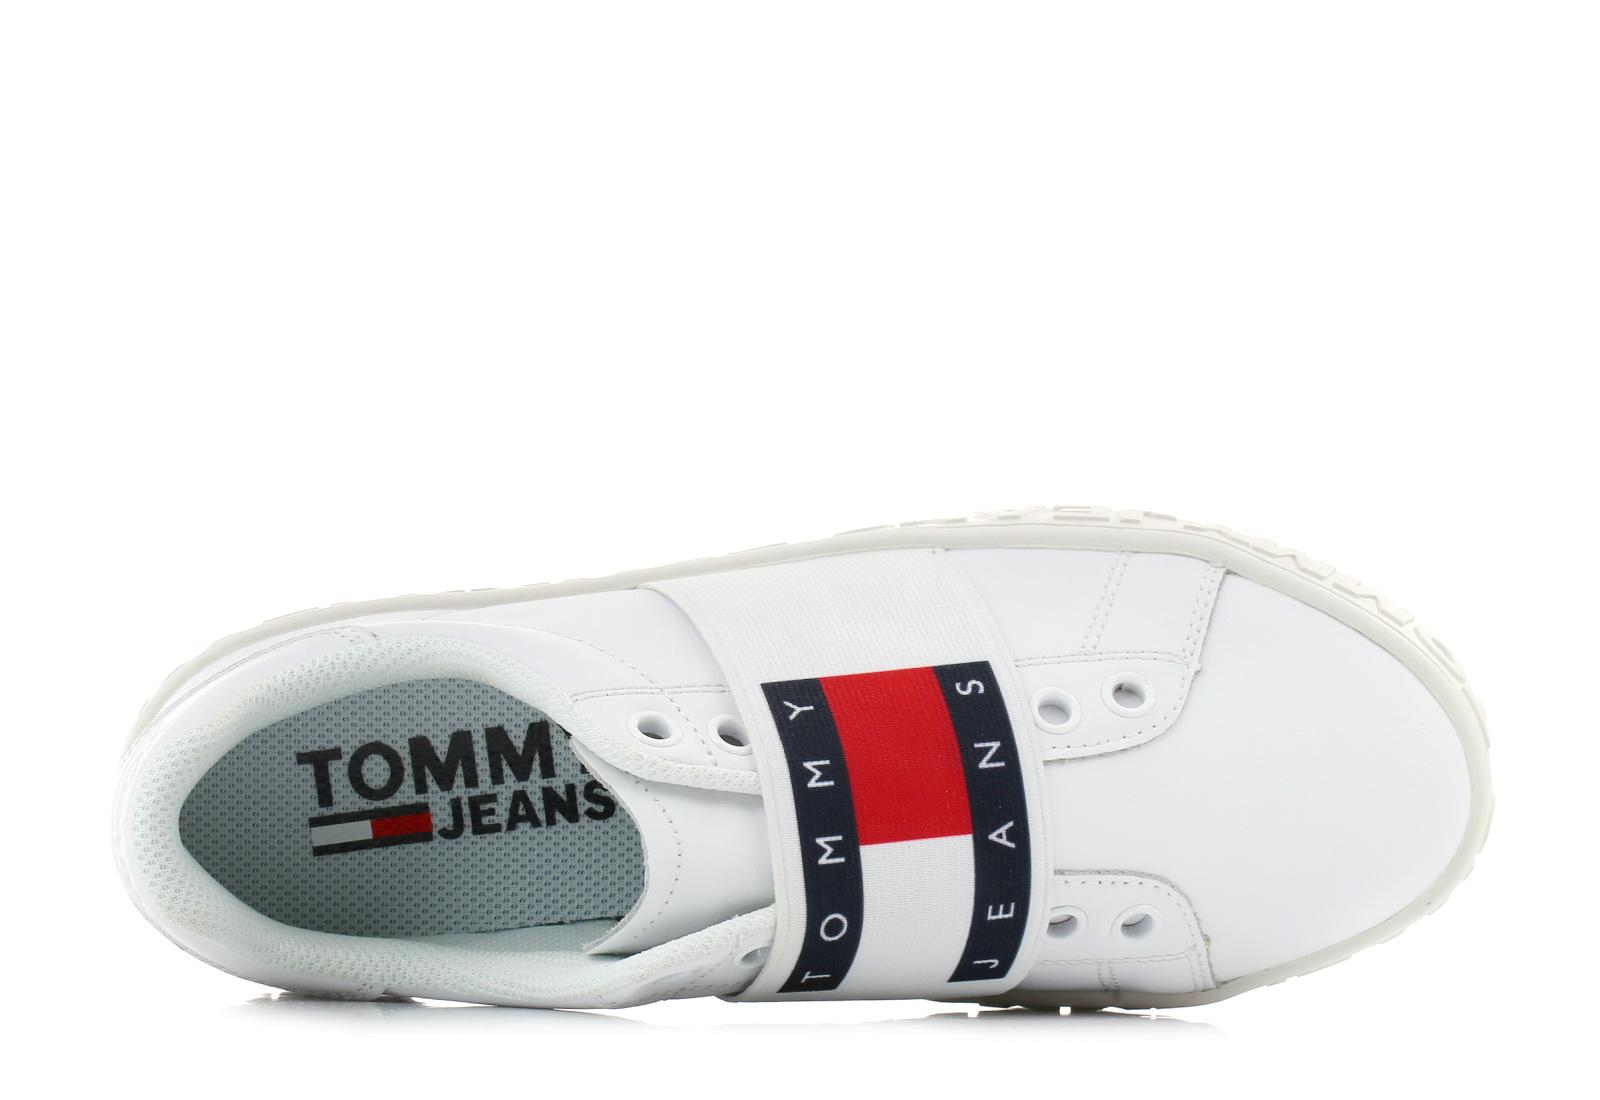 972bb3dc98b23 Tommy Hilfiger Półbuty - Jaz 2a - 19S-0552-100 - Obuwie i buty ...